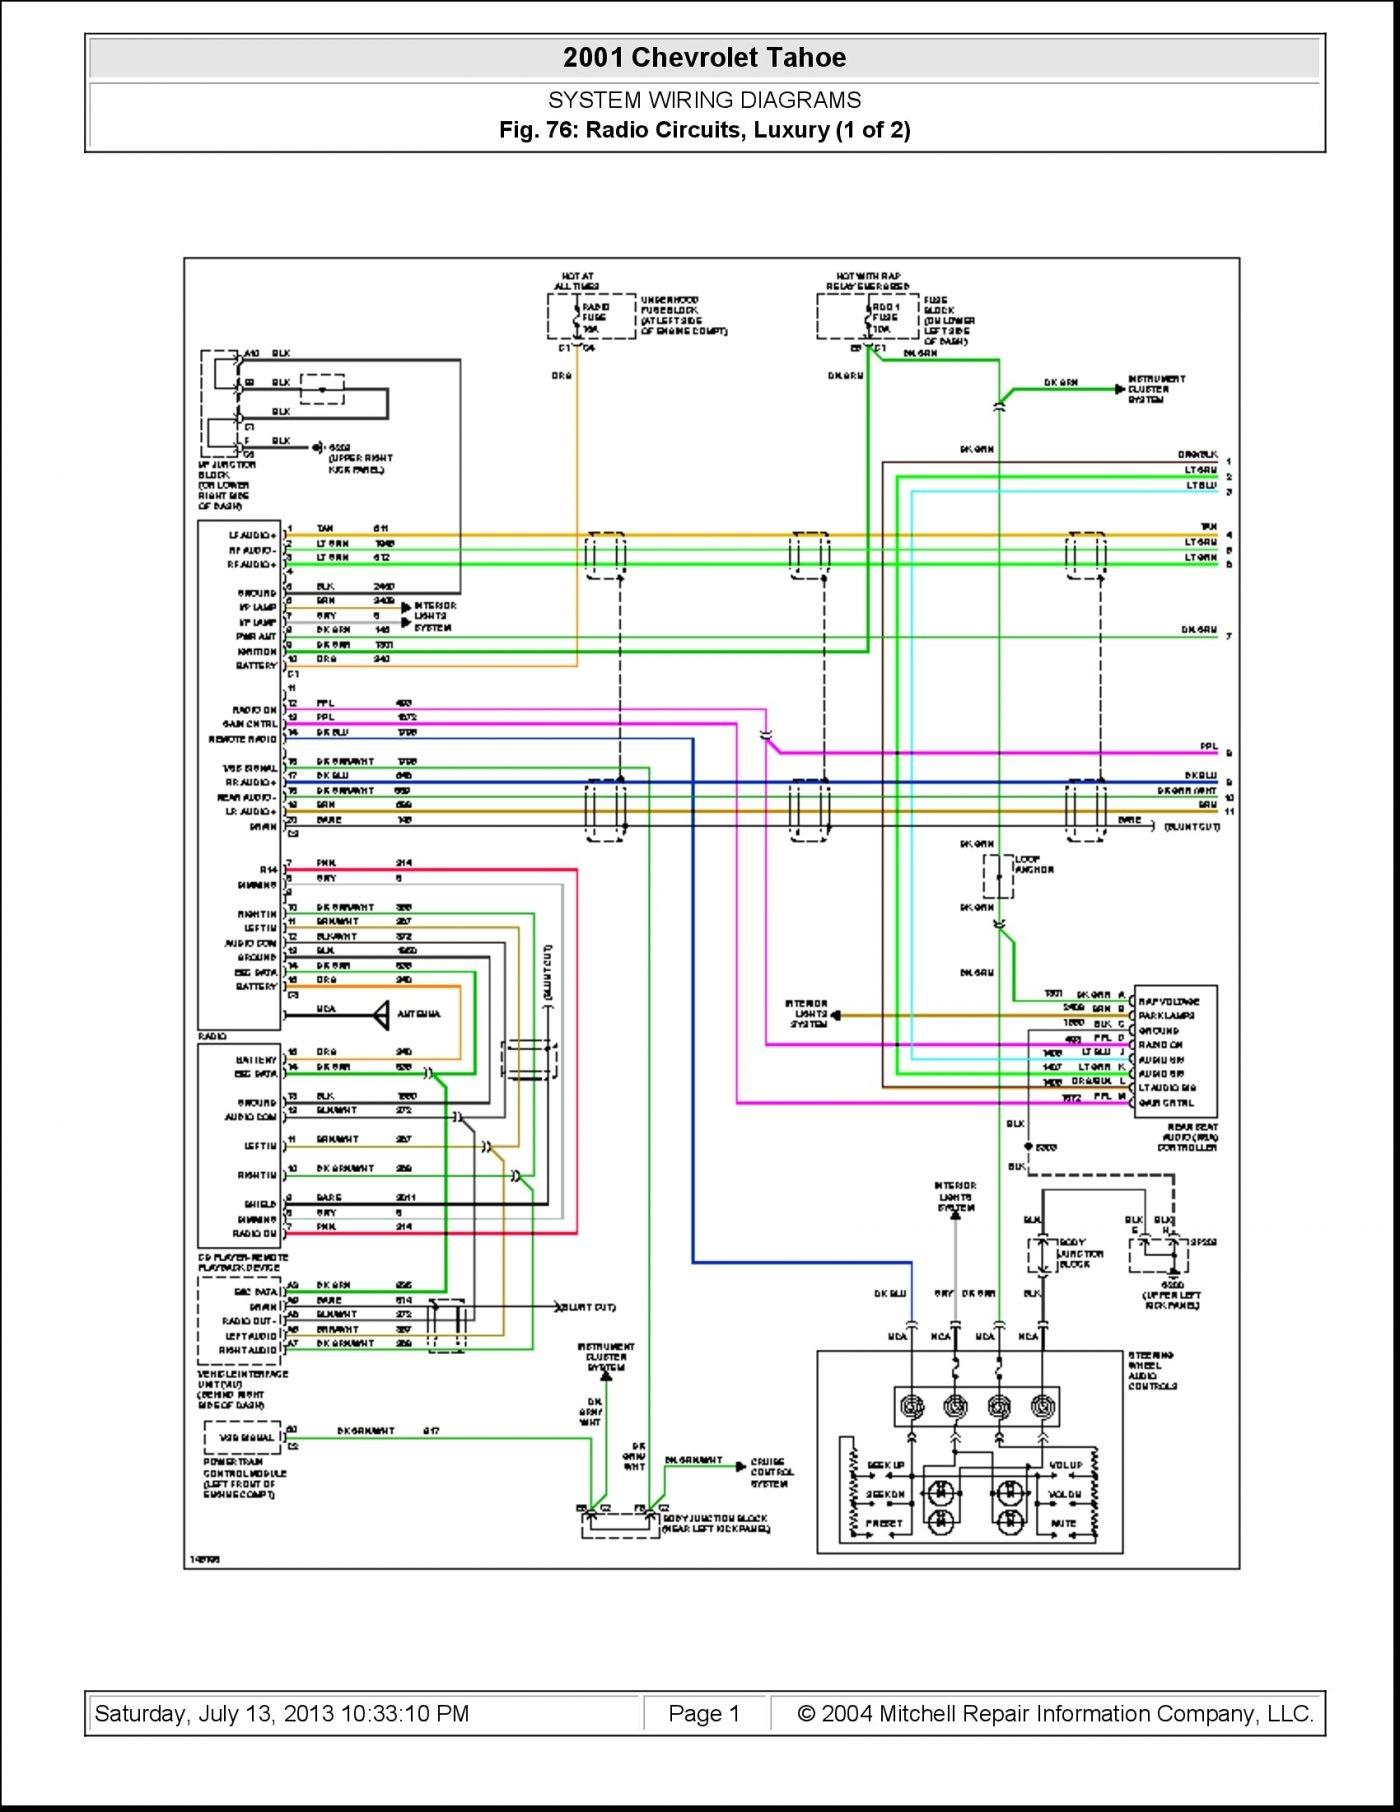 Chevy Impala Wiring Diagram In Radio Silverado Trailer 2008 Chevrolet 1400